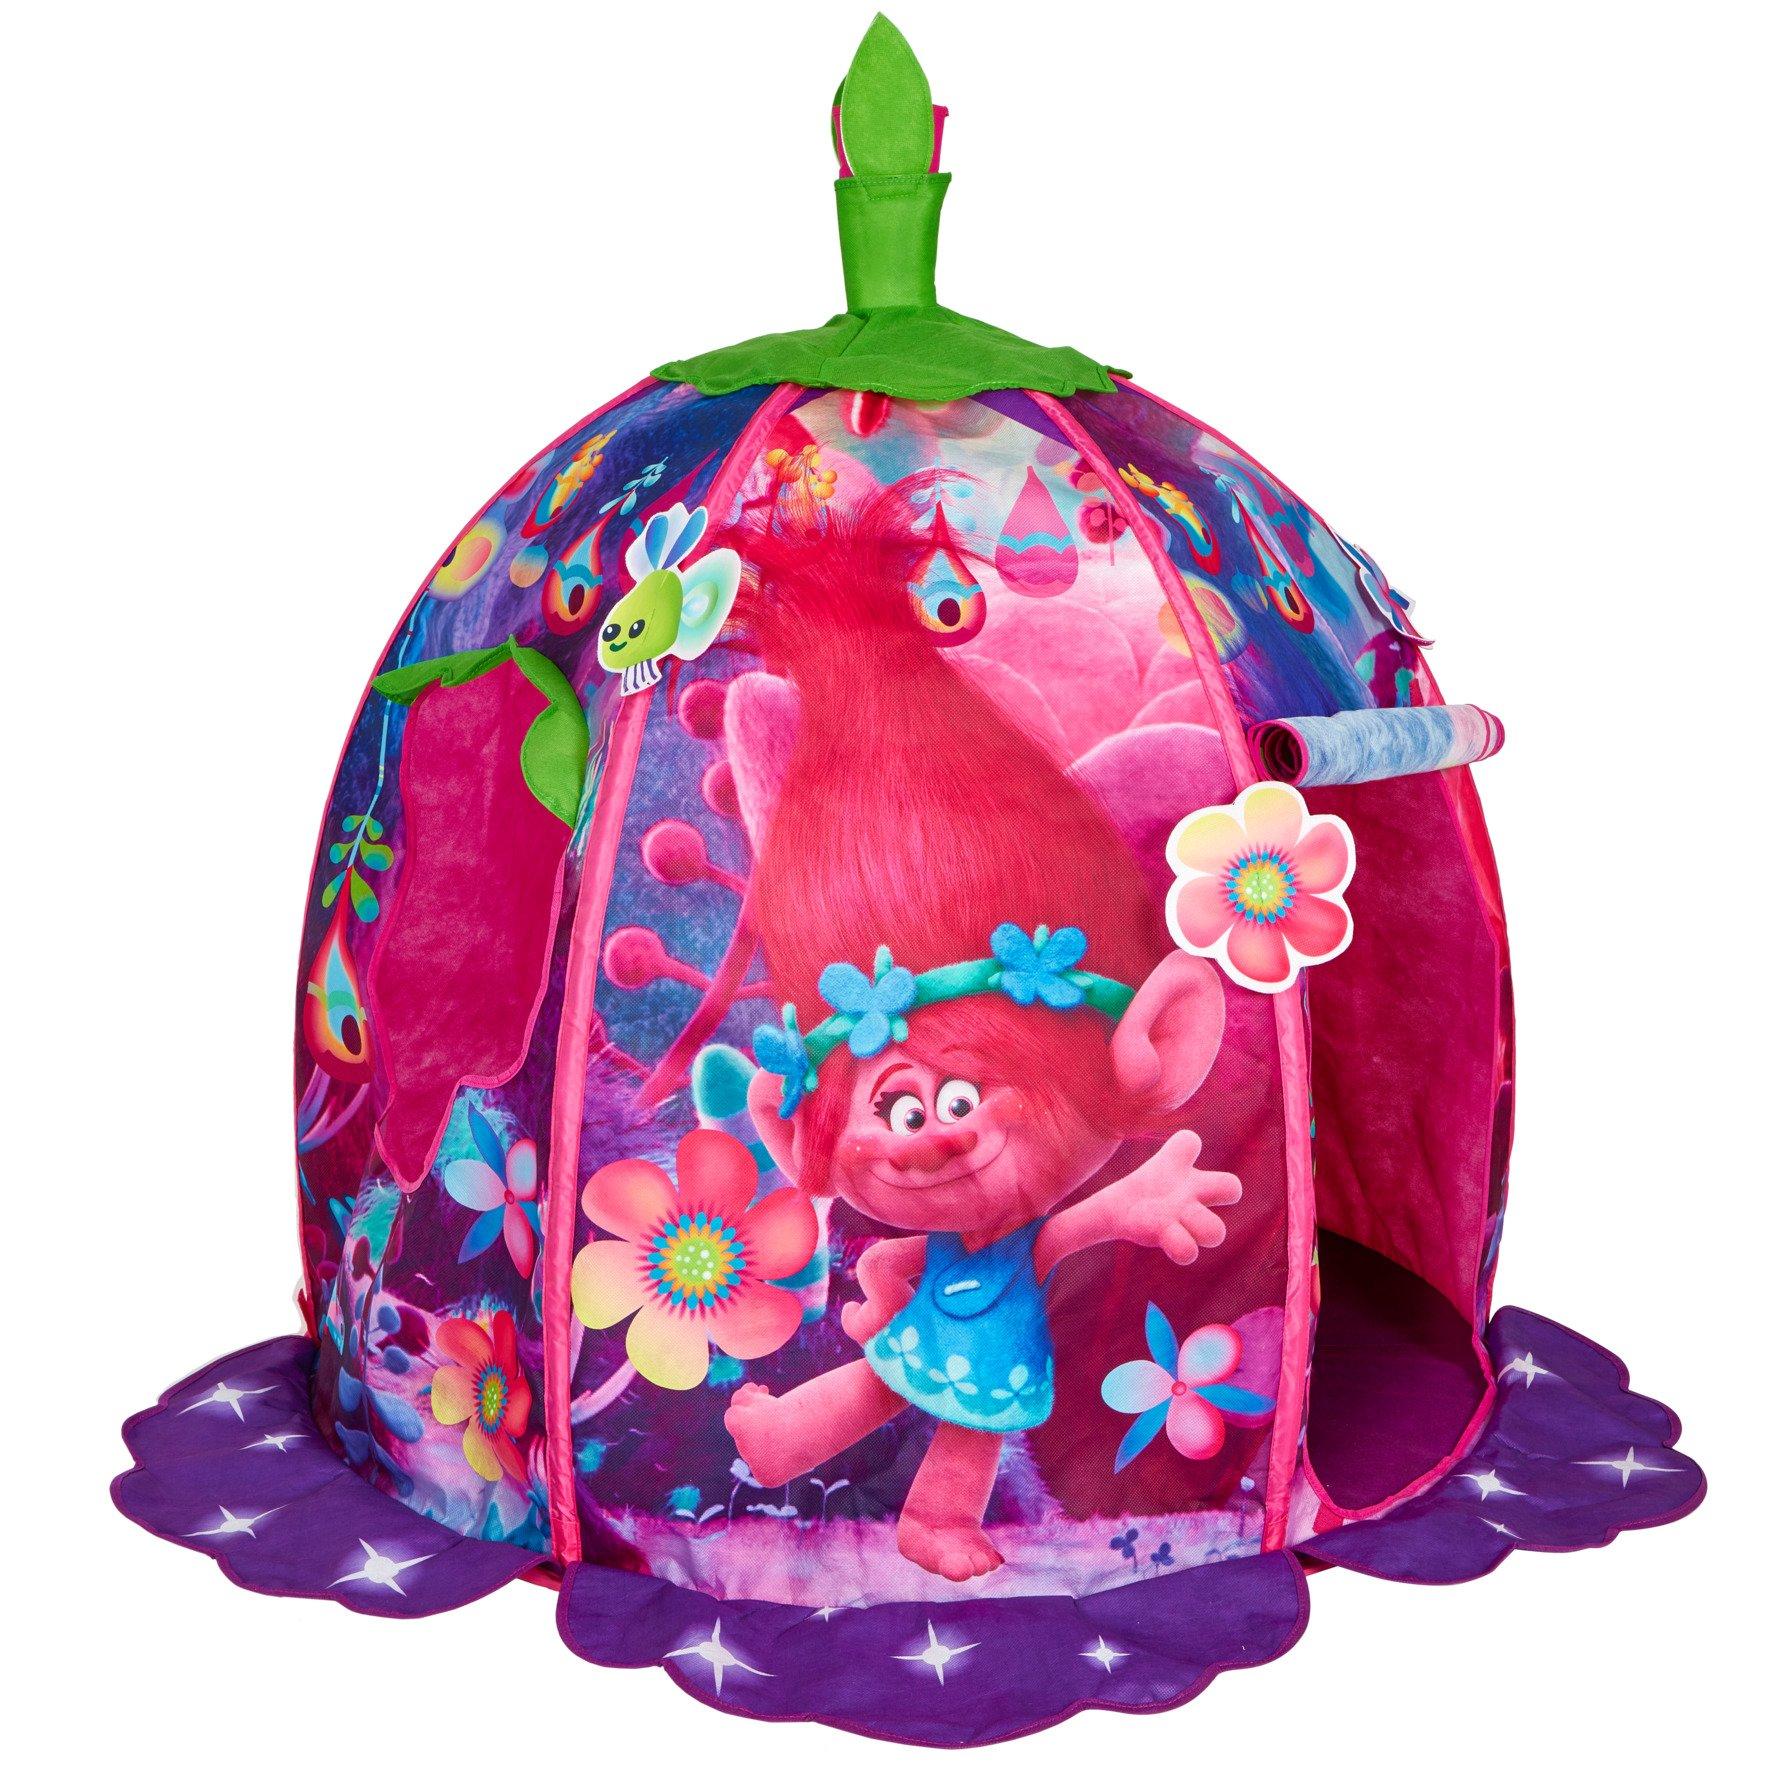 Trolls Poppy's Pod Play Tent (167TLL)